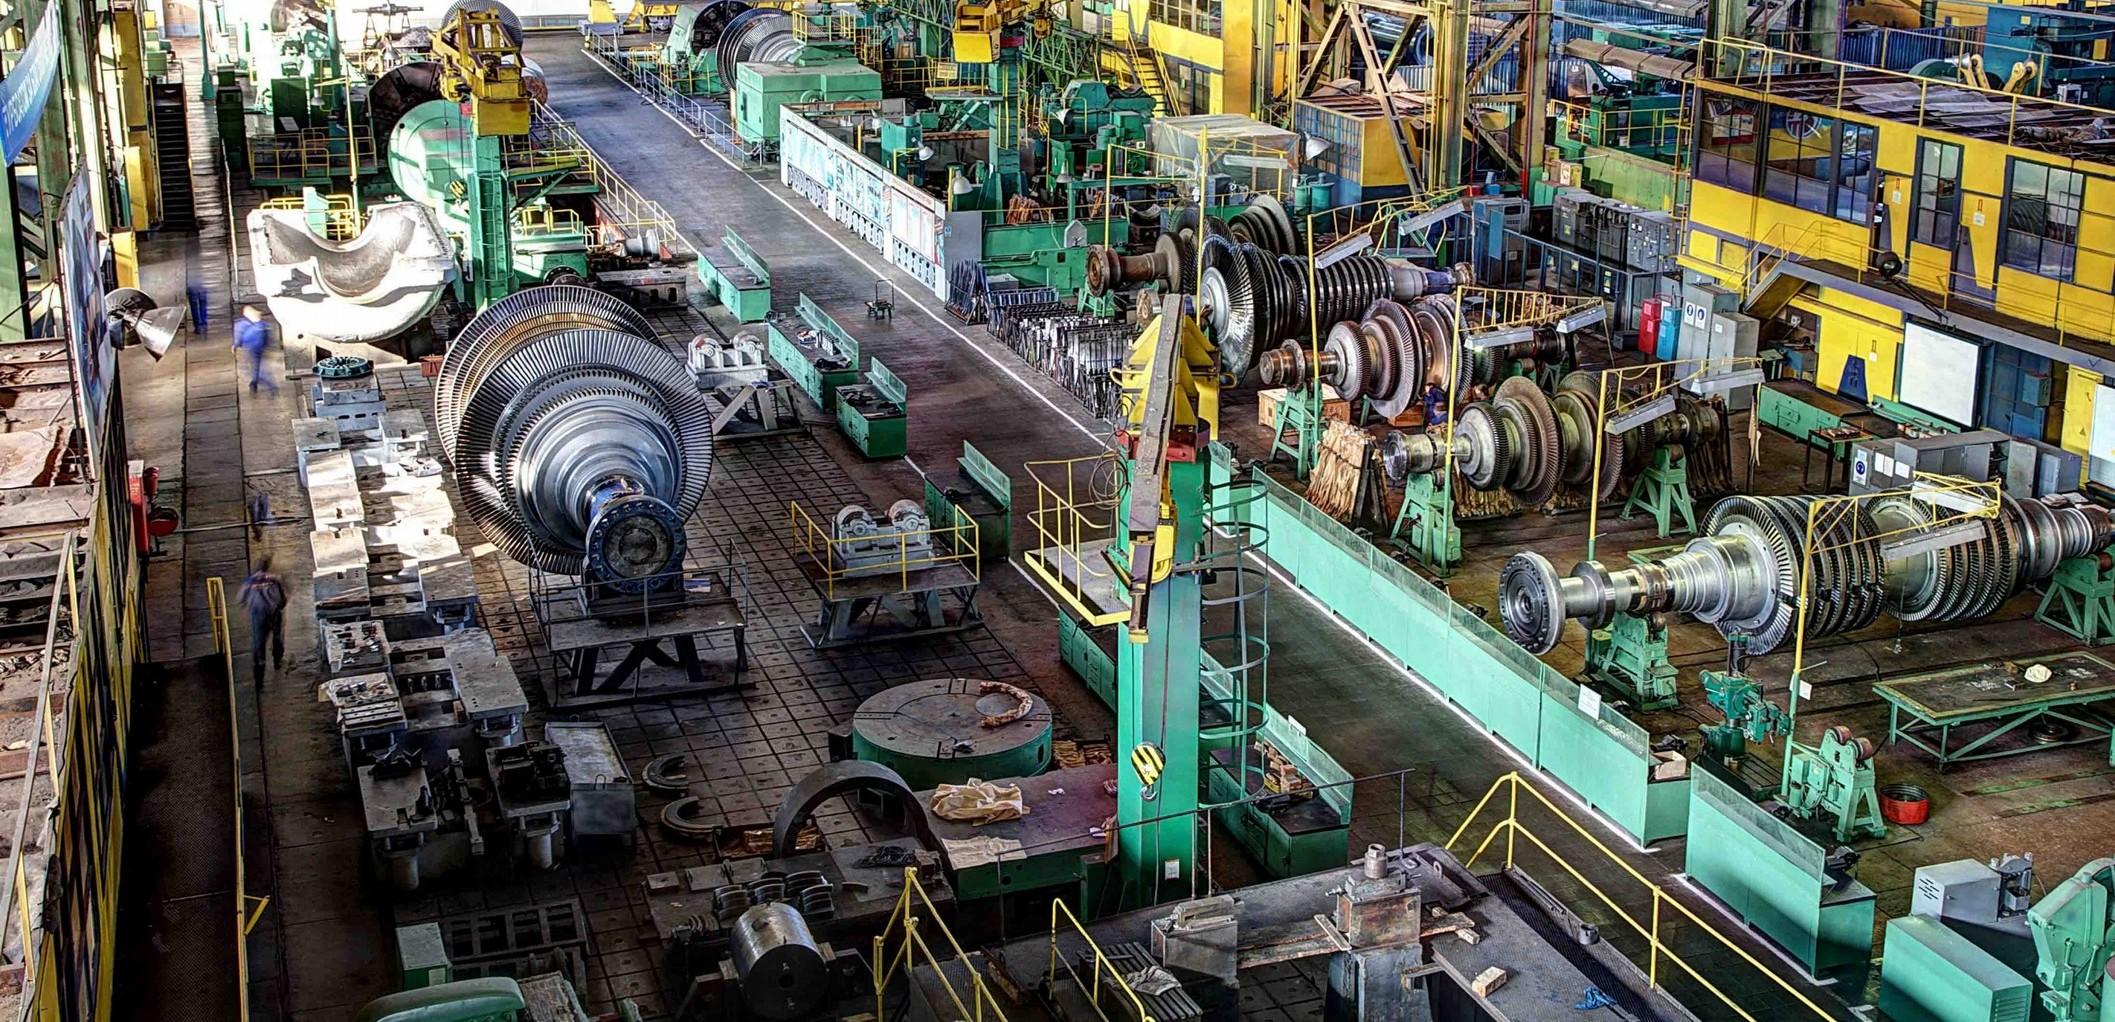 Харьковская область показала рост промышленности на уровне 6%, в машиностроении – 8%